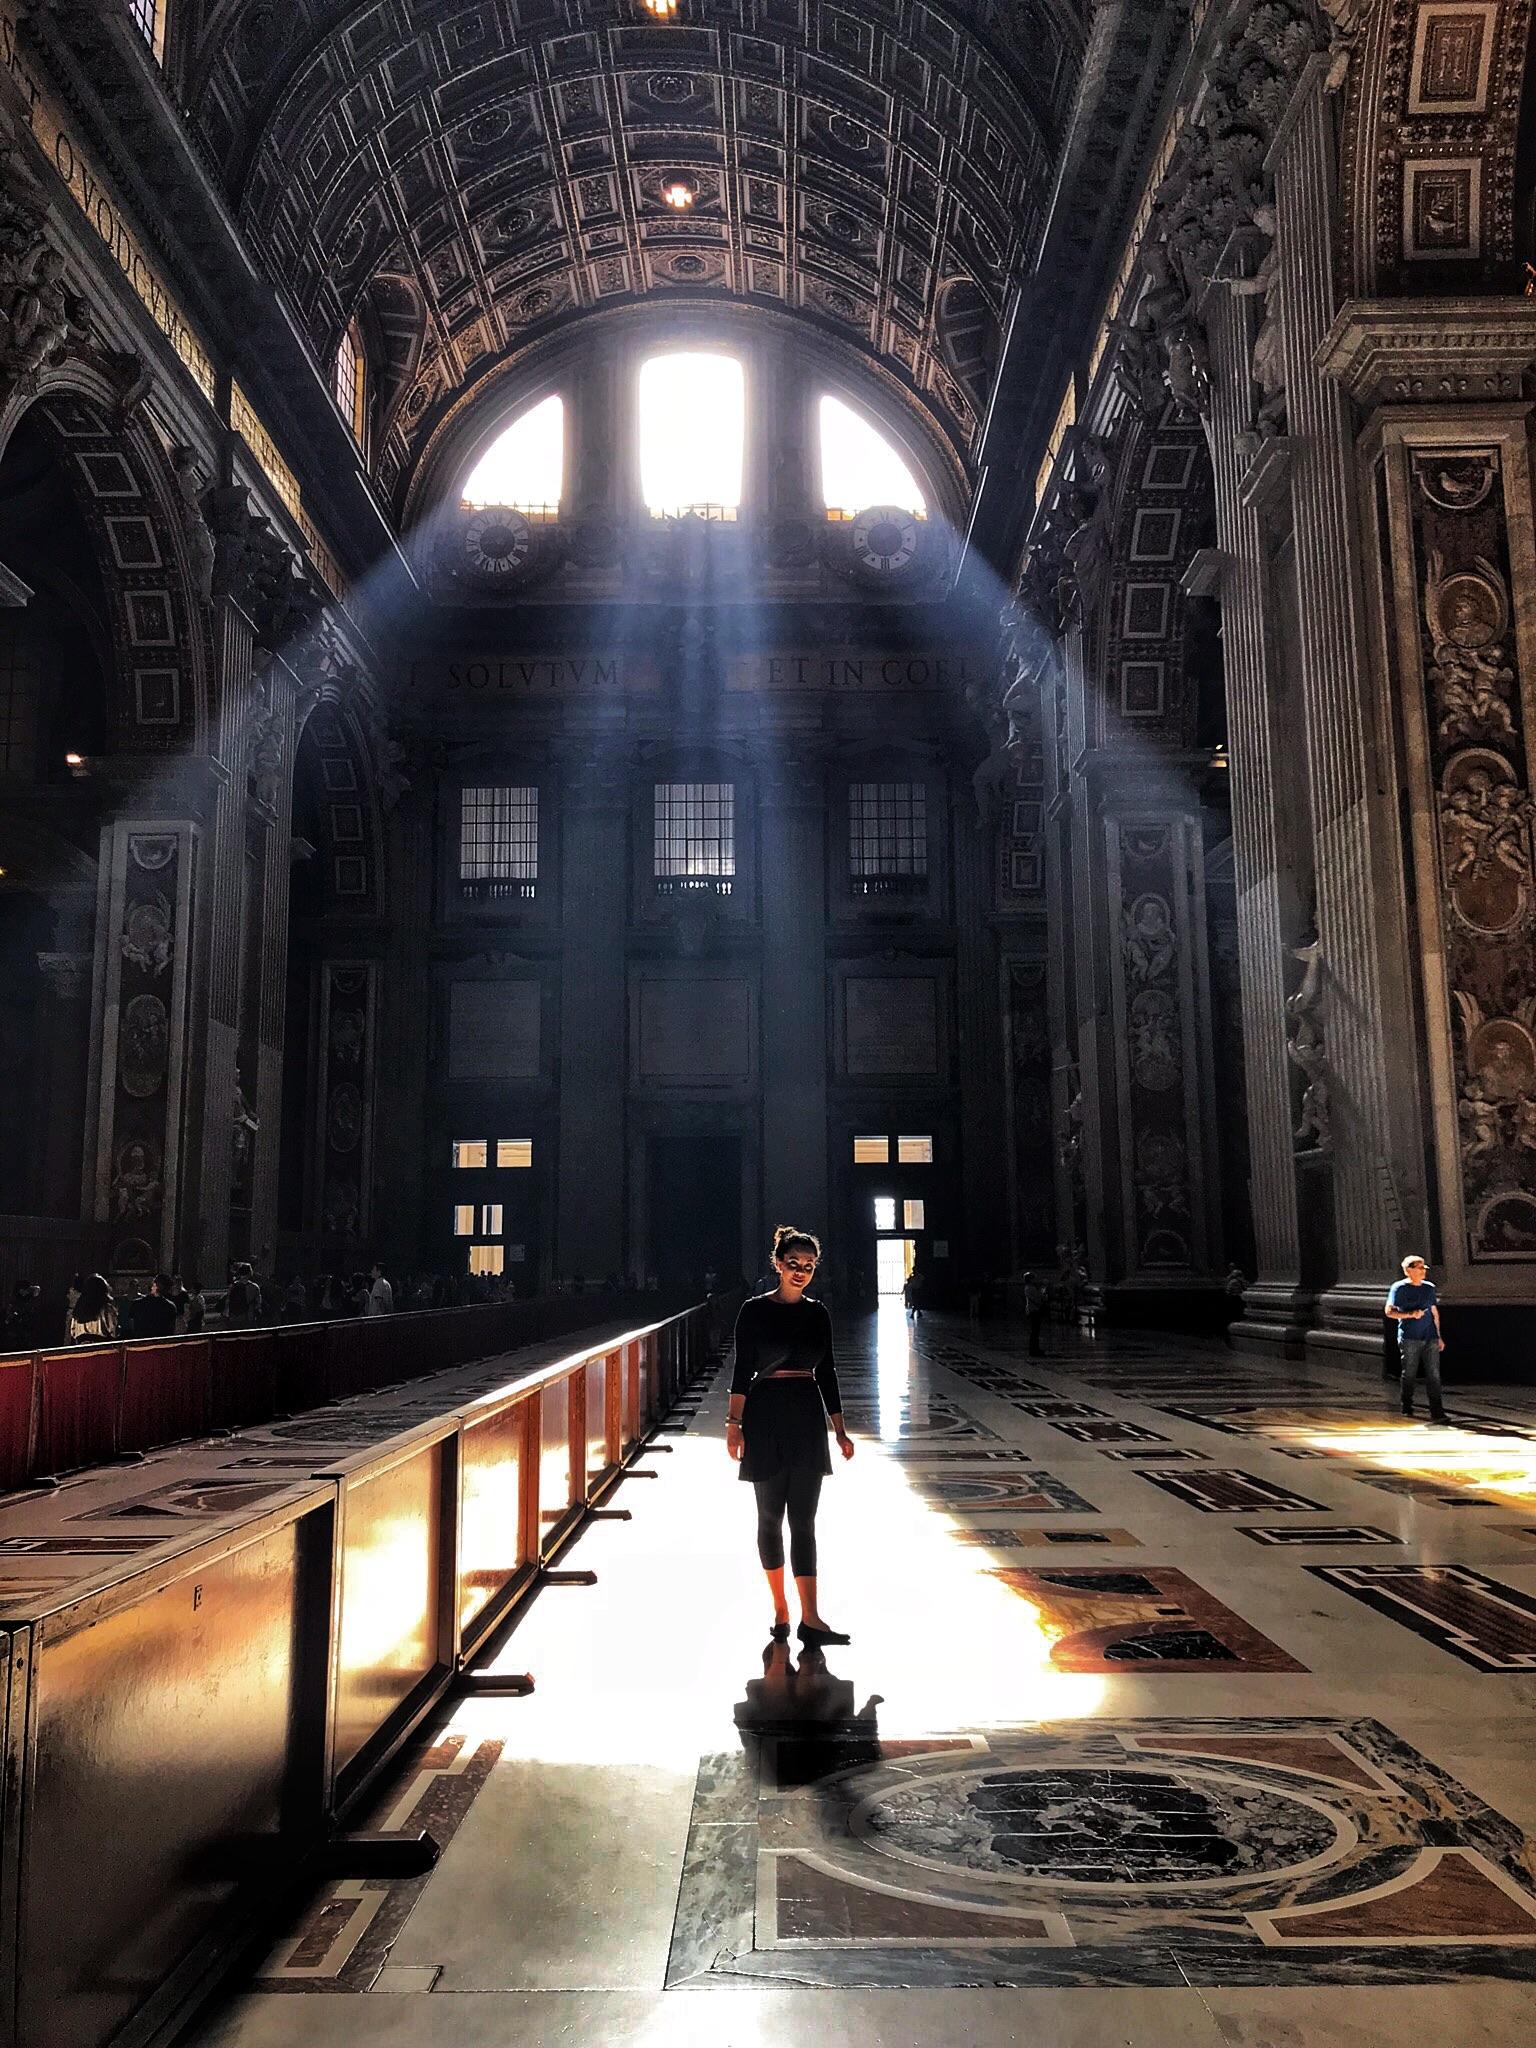 Lena finding her light...